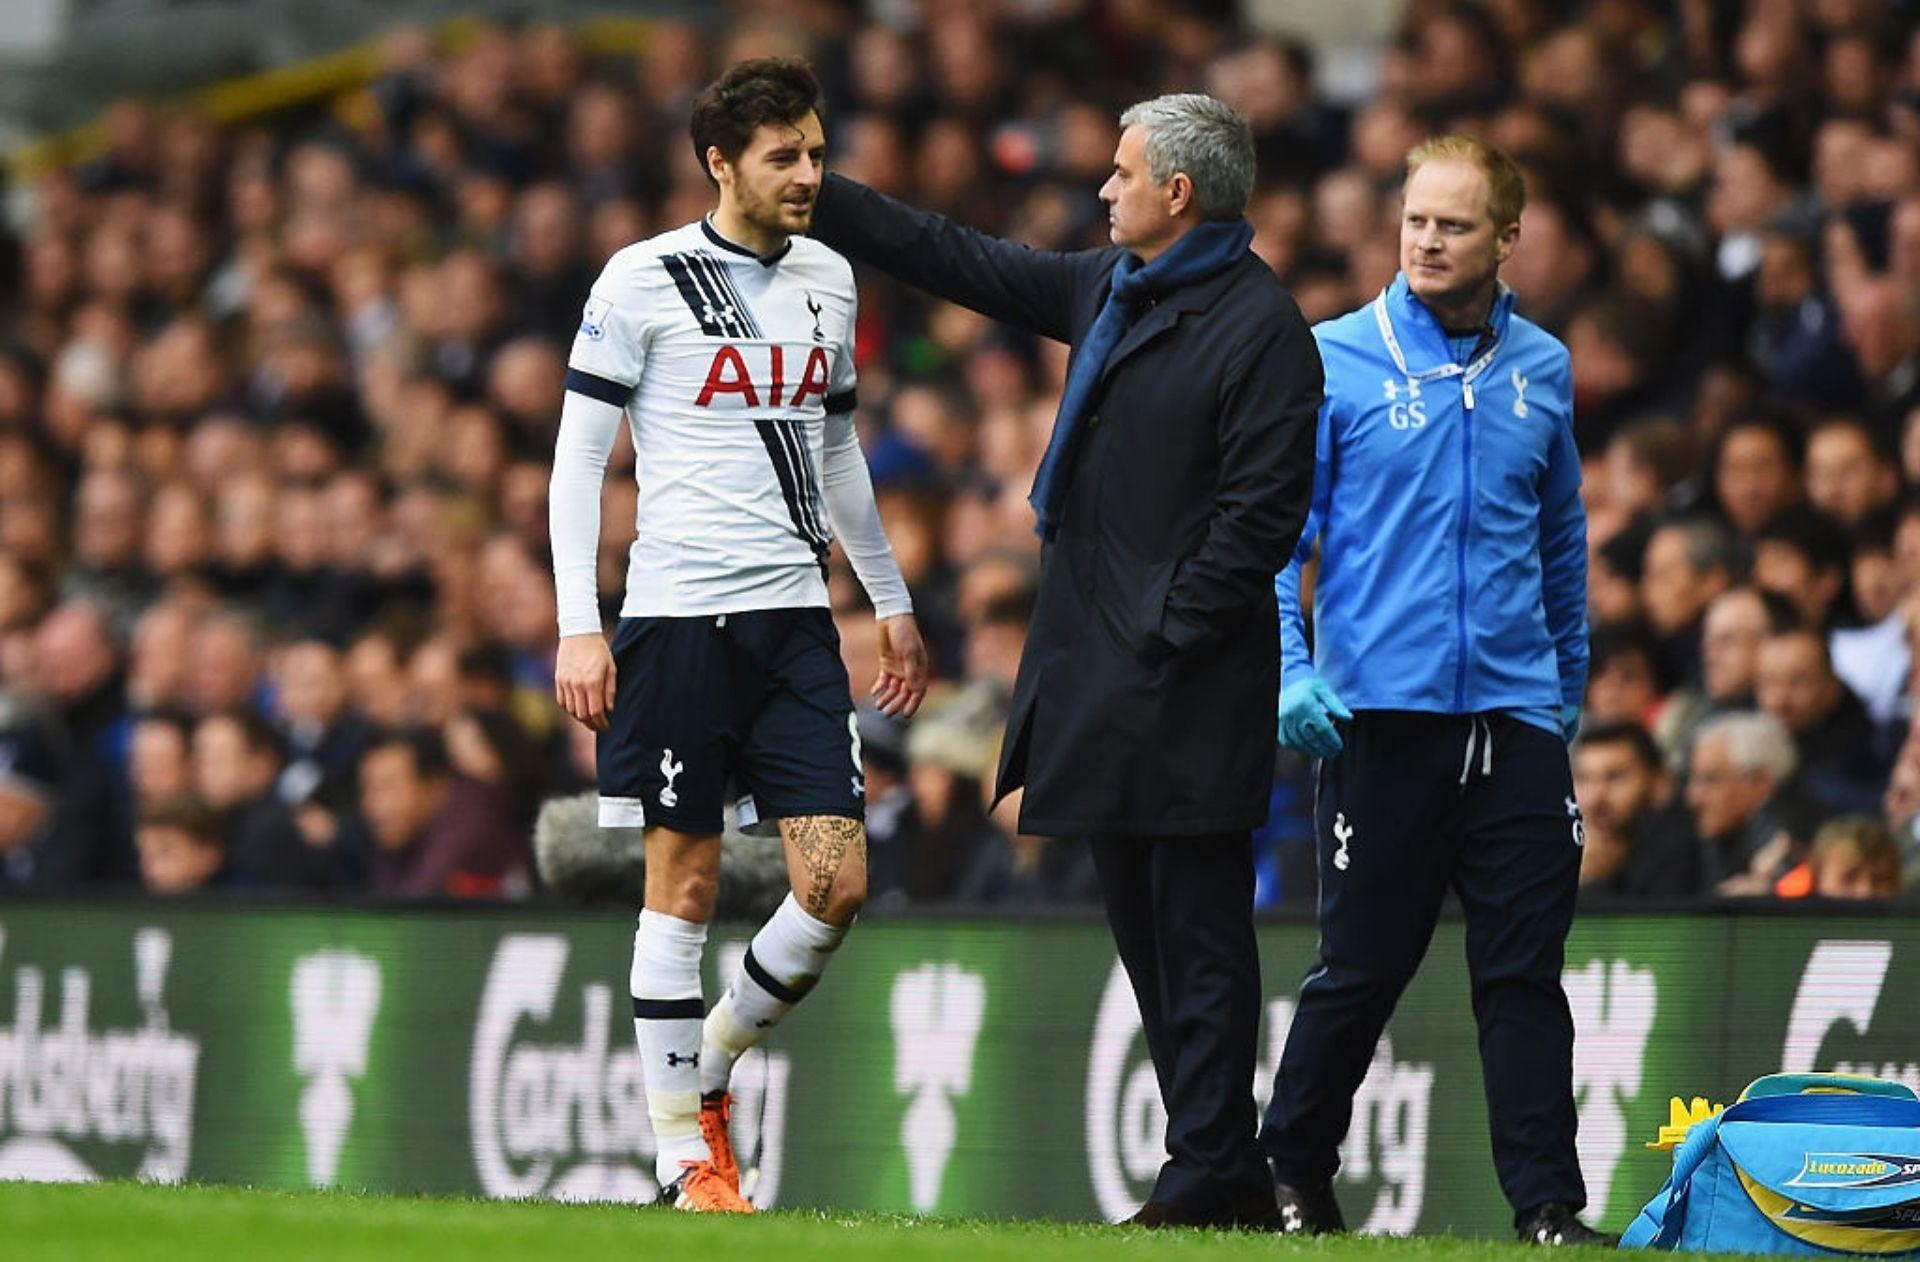 Jose Mourinho, Tottenham